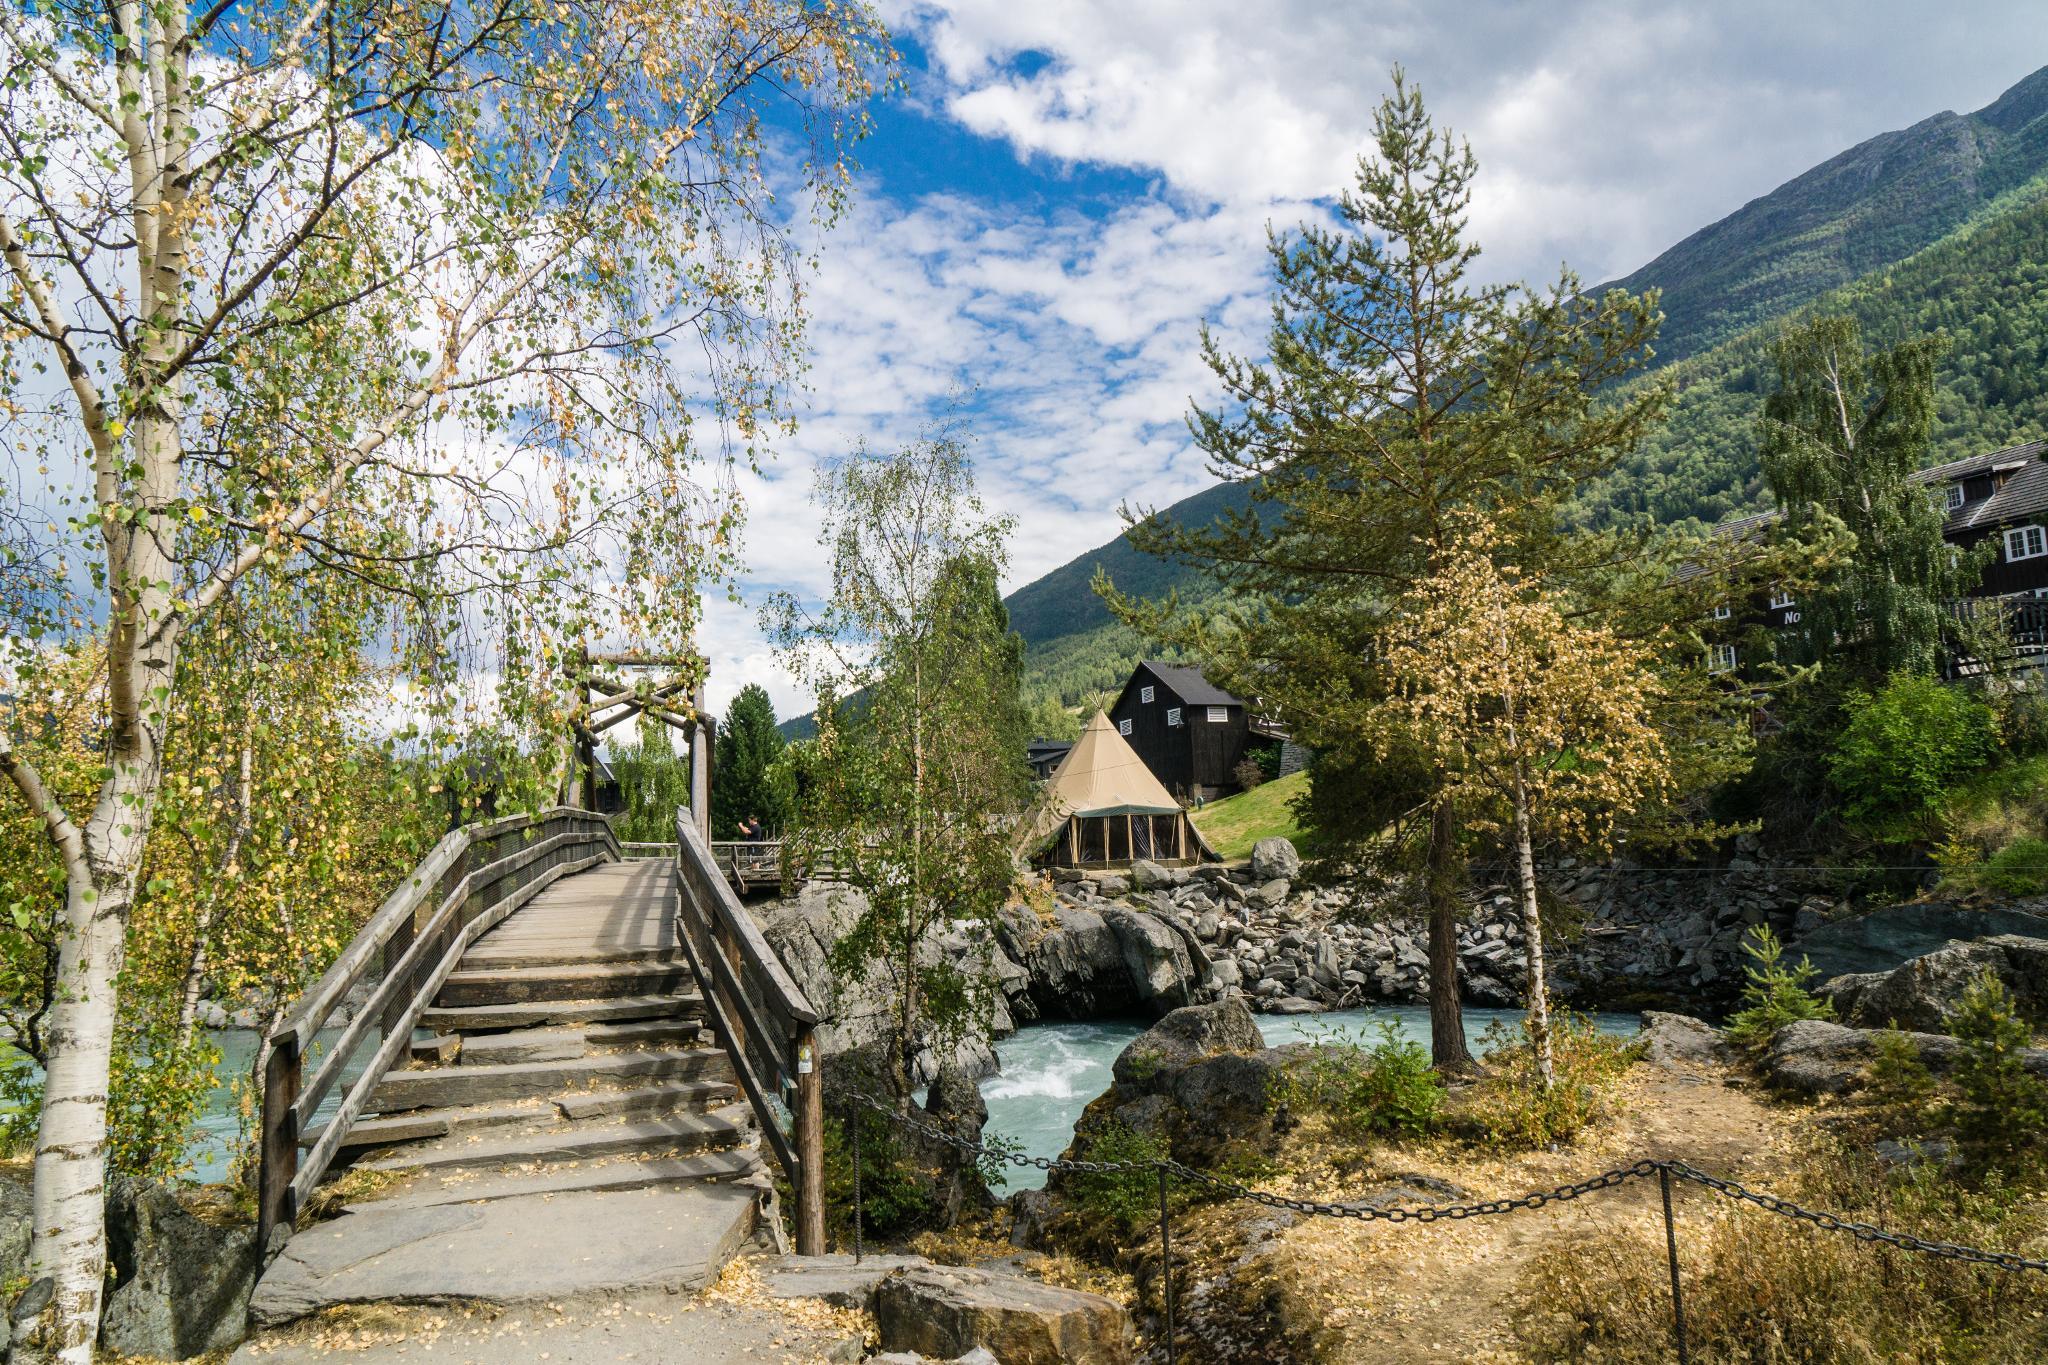 【北歐景點】穿越挪威的屋脊 - 前進北歐最美的冰原景觀公路 Fv55松恩山路 (Sognefjellet) 10